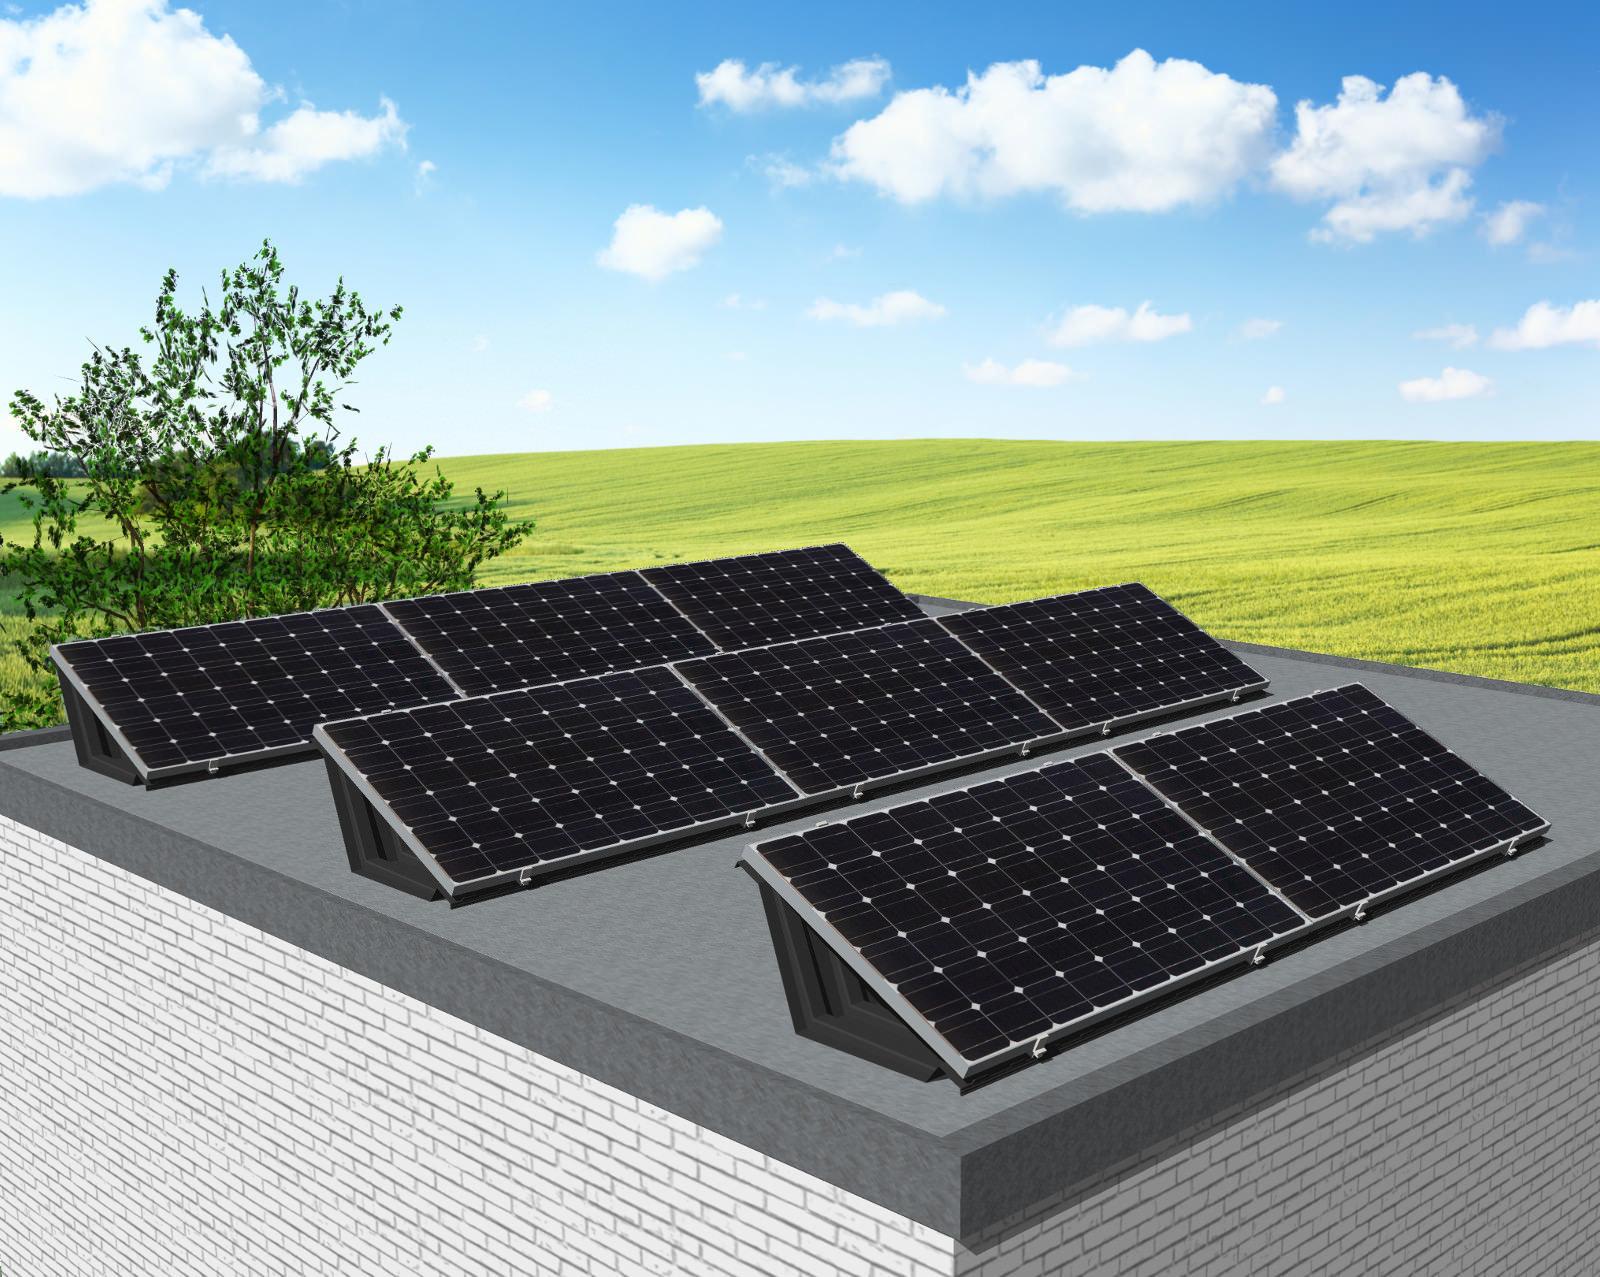 myCleantechSolarPower™ Solaranalage Flachdach oder Carport mit 8 Pannels - Musterbild